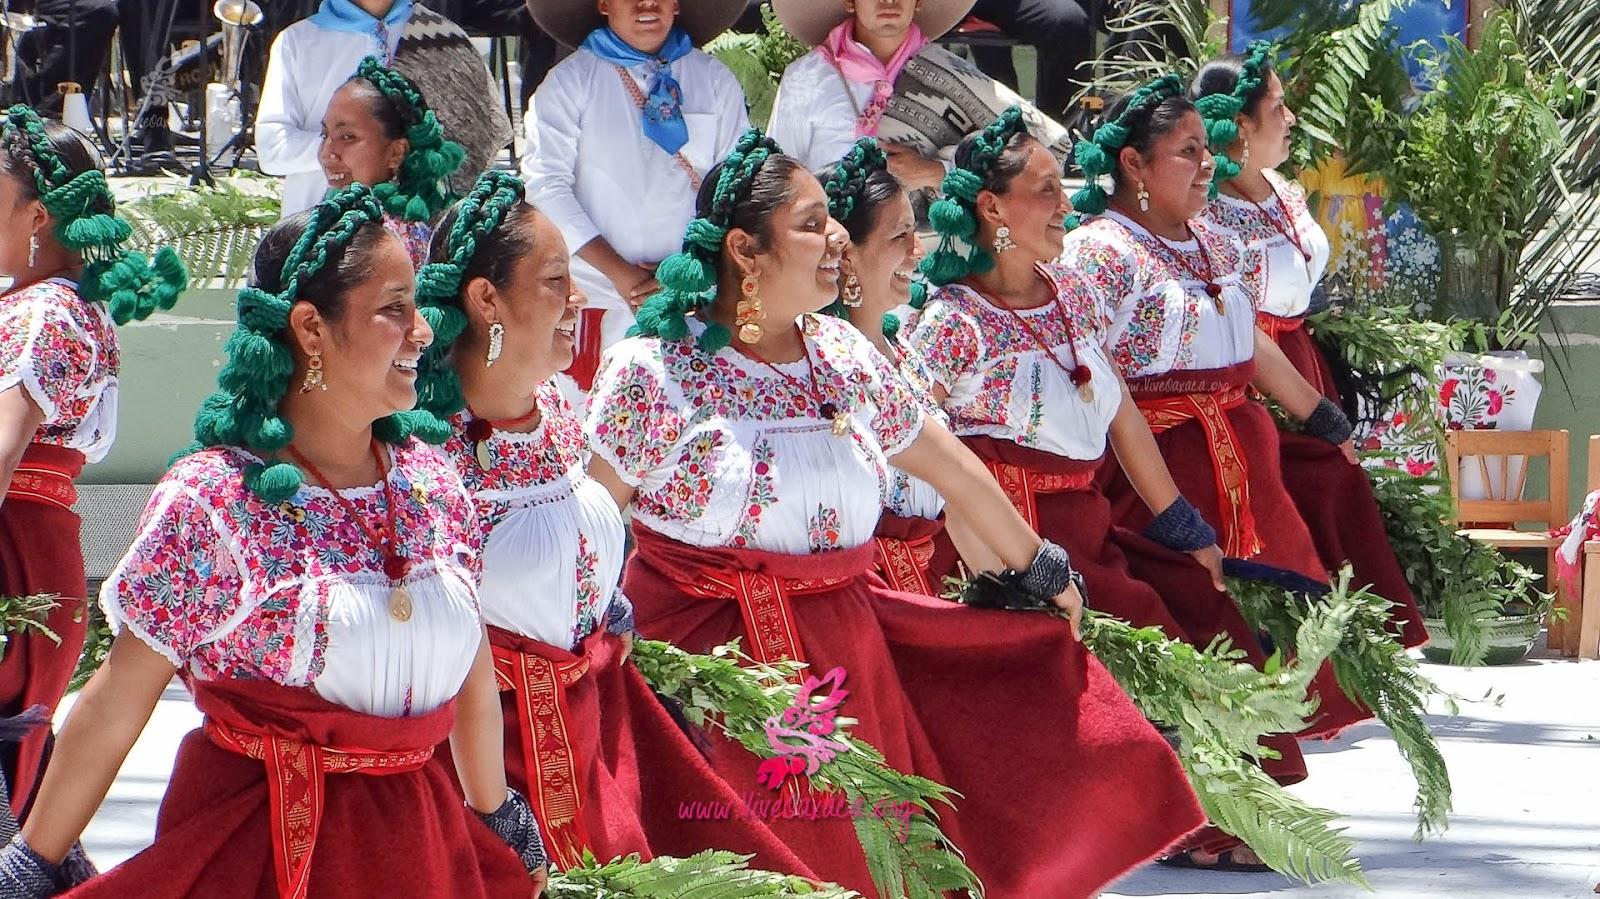 Resultado de imagen para festividades guelaguetza puerto escondido